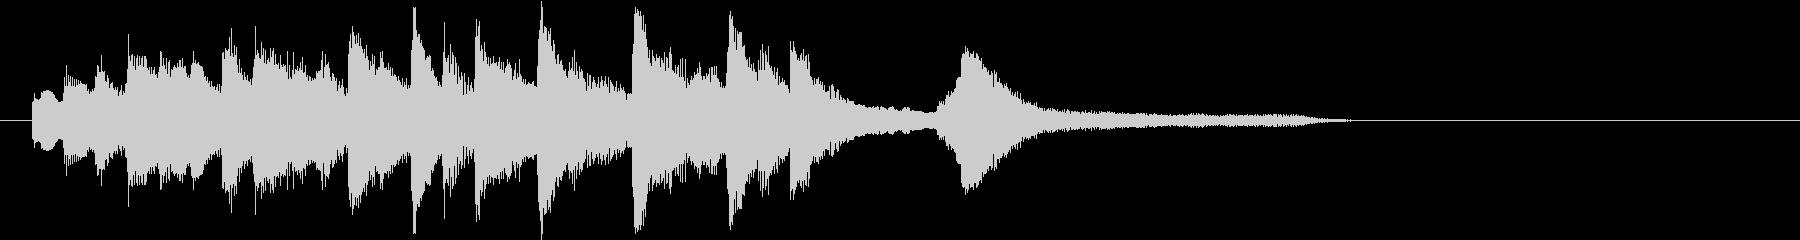 夏を匂わすピアノアイキャッチ B(短縮)の未再生の波形